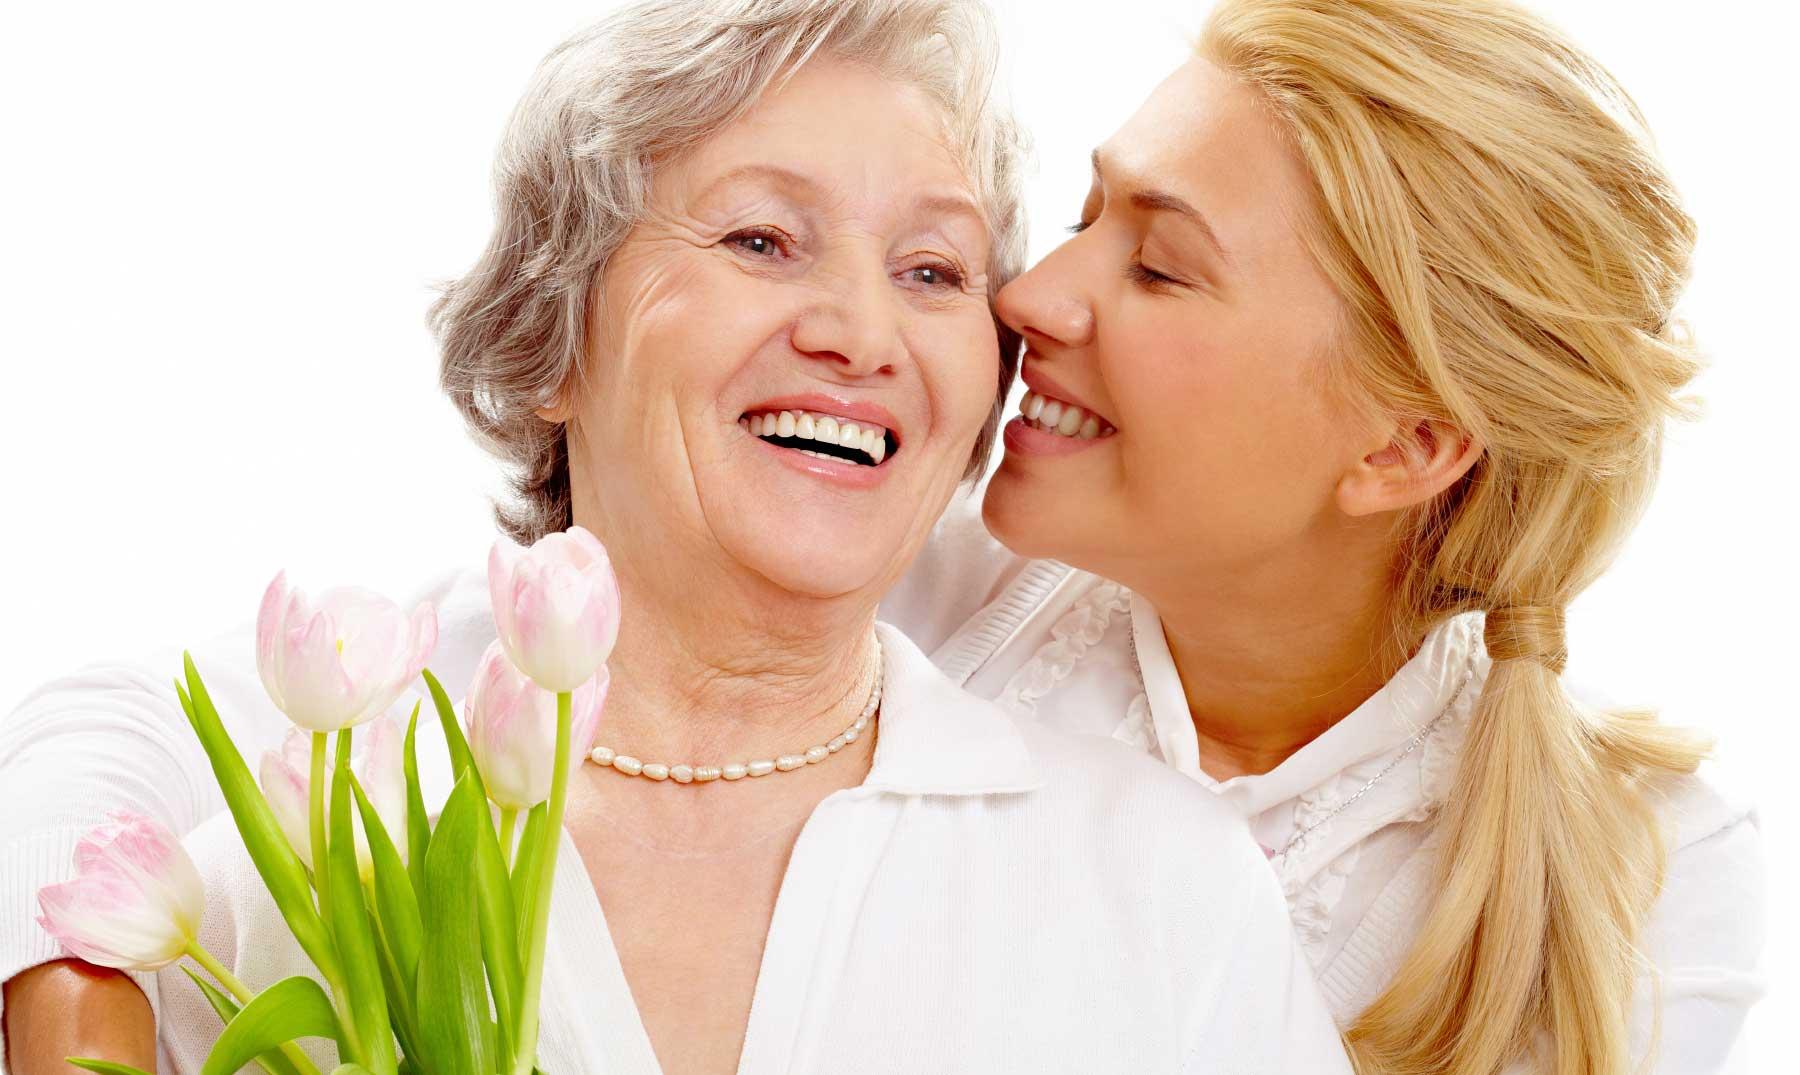 mujer-haciendo-regalo-dia-de-las-madres